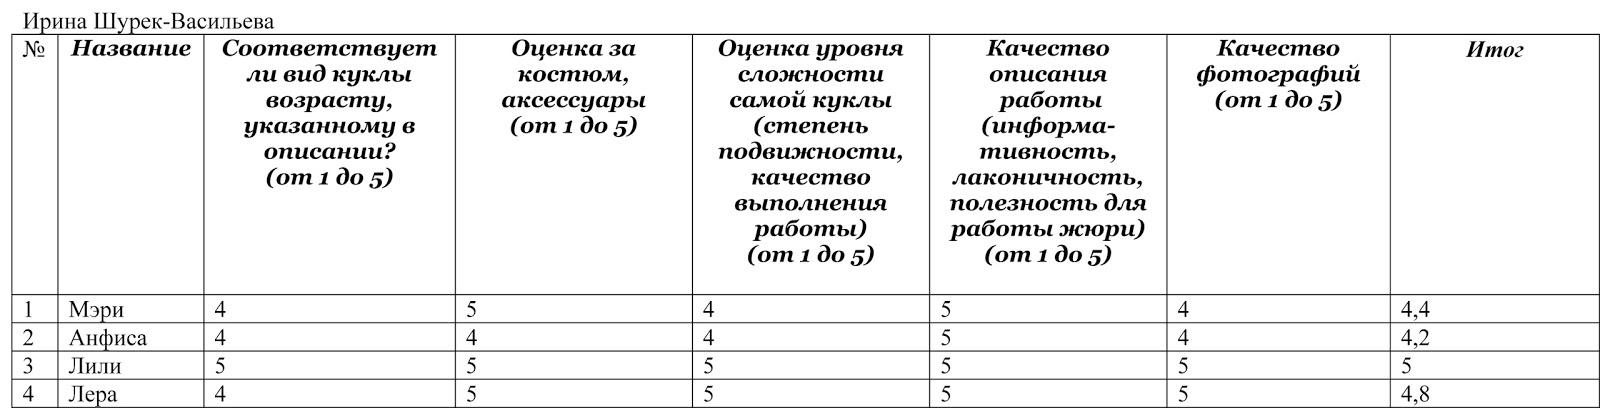 Критерии оценки конкурса мисс осень